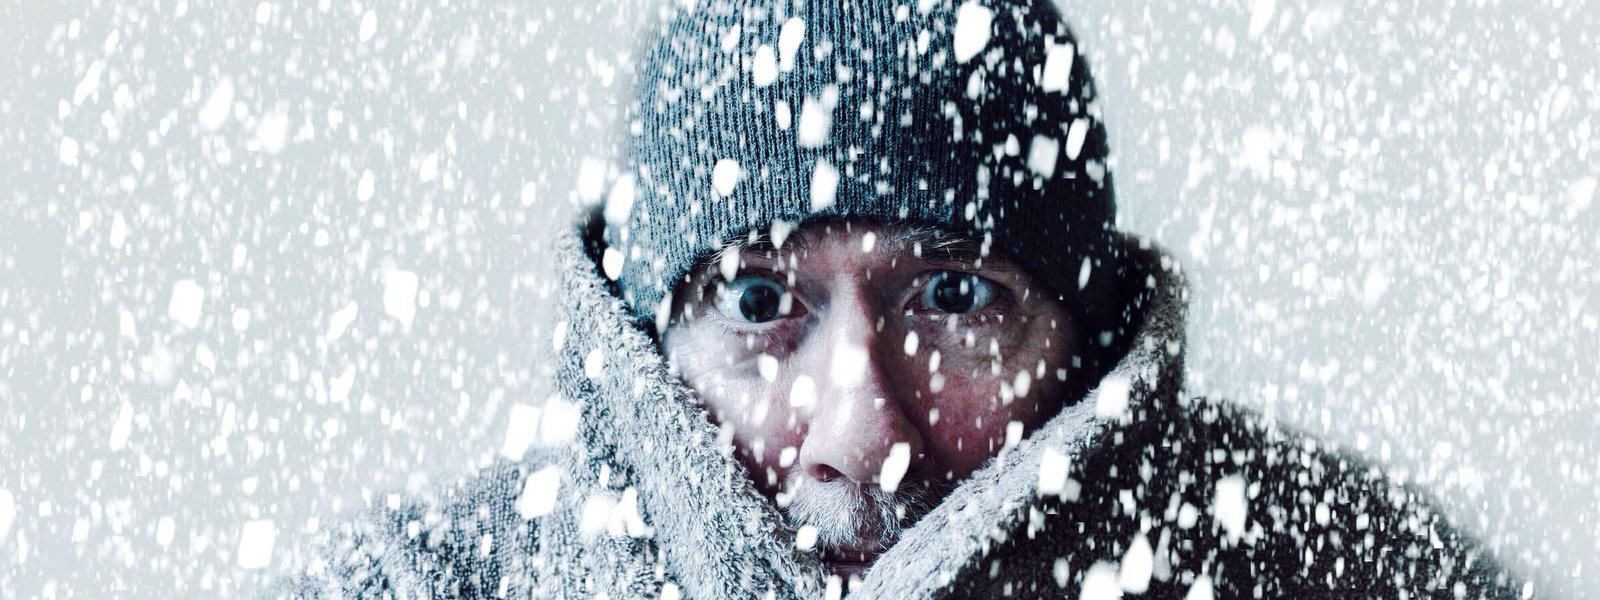 Proteja-se do frio e não se esqueça dos olhos